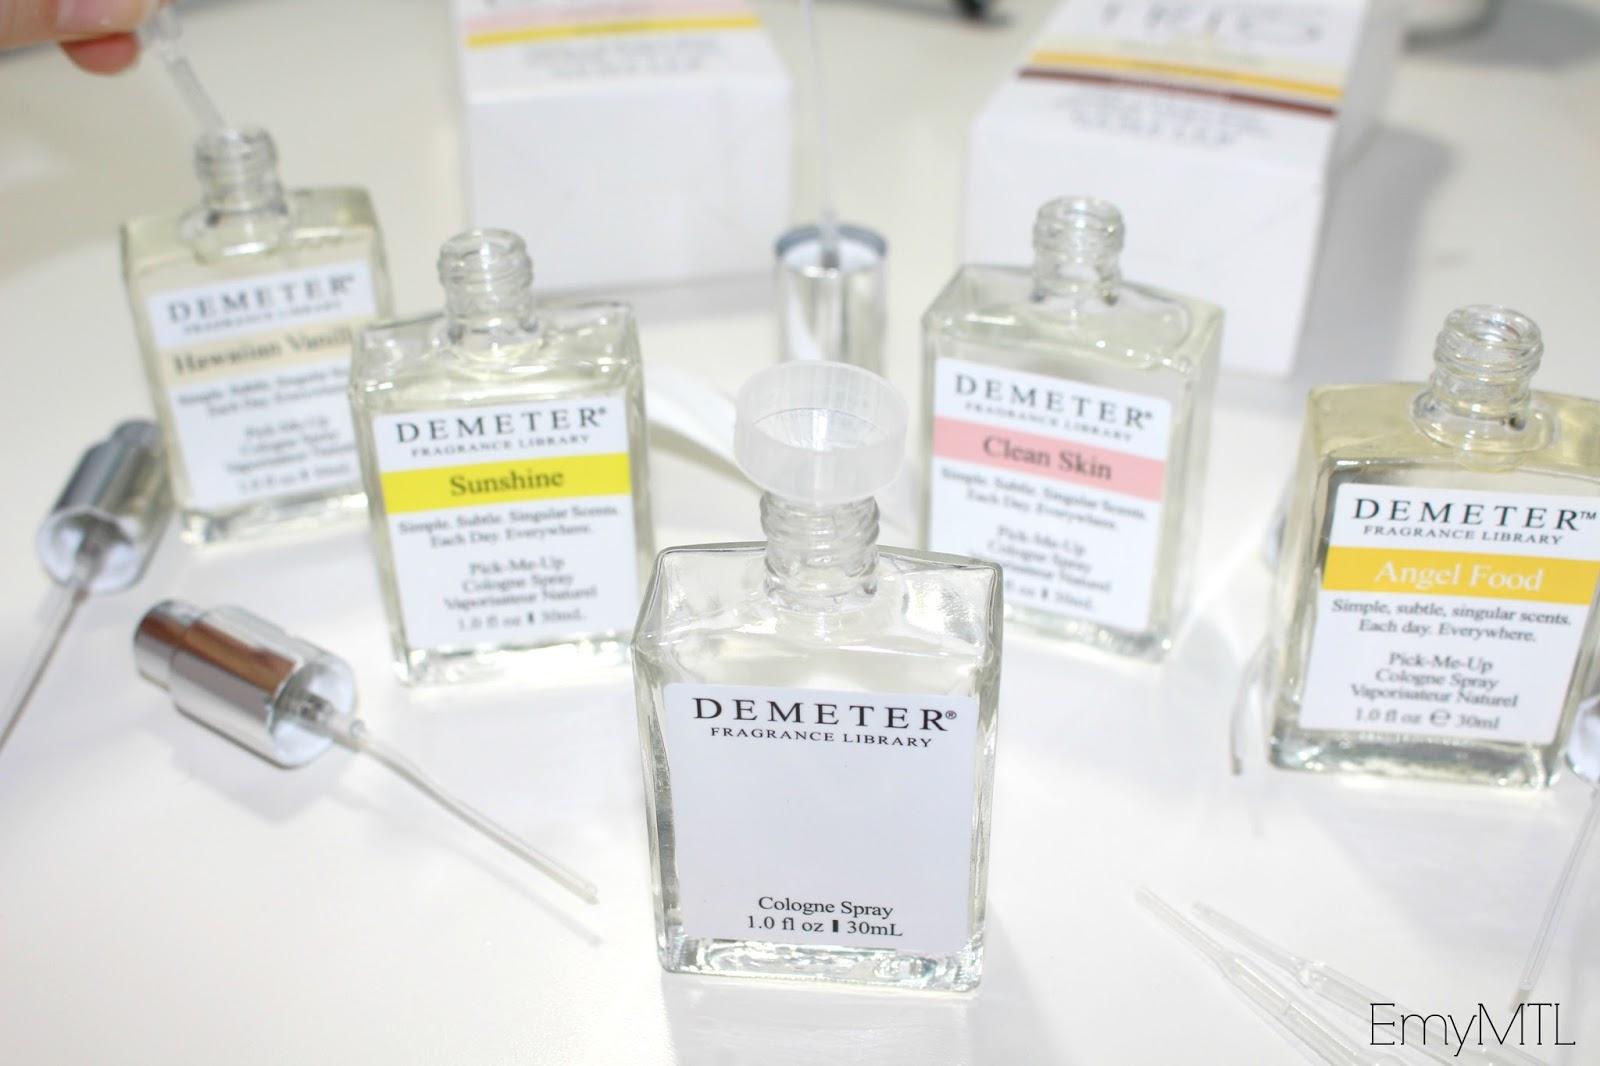 les parfums demeter faire son propre parfum la petite pagaille. Black Bedroom Furniture Sets. Home Design Ideas